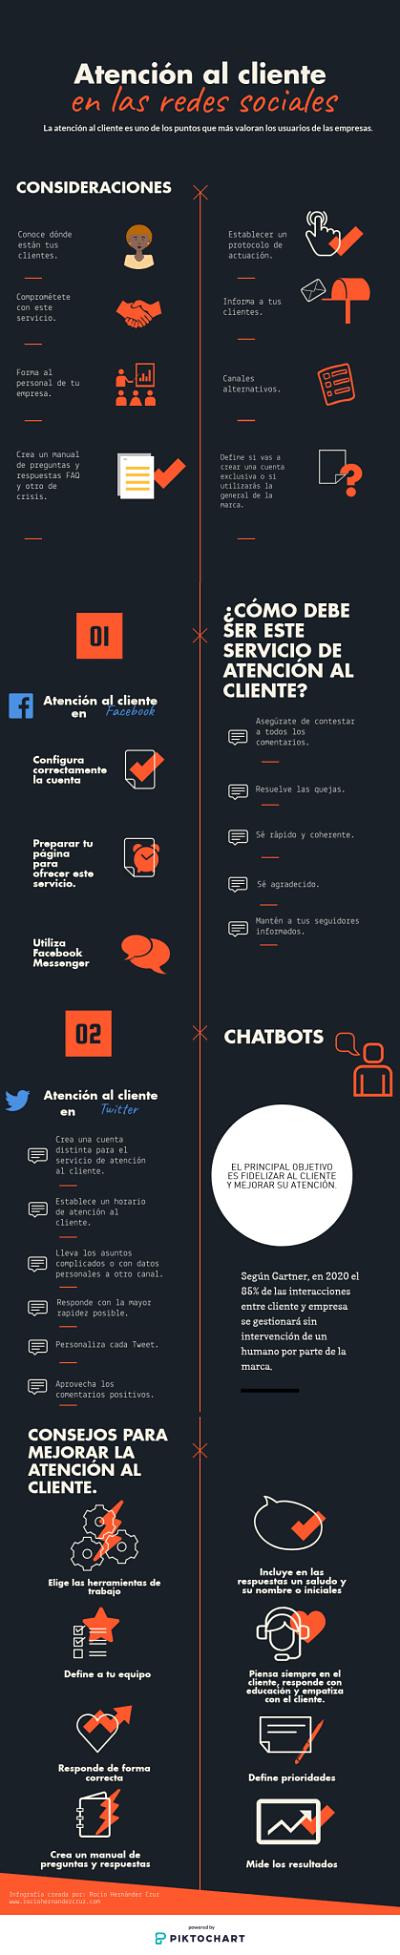 infografia-atencion-al-cliente-en-redes-sociales